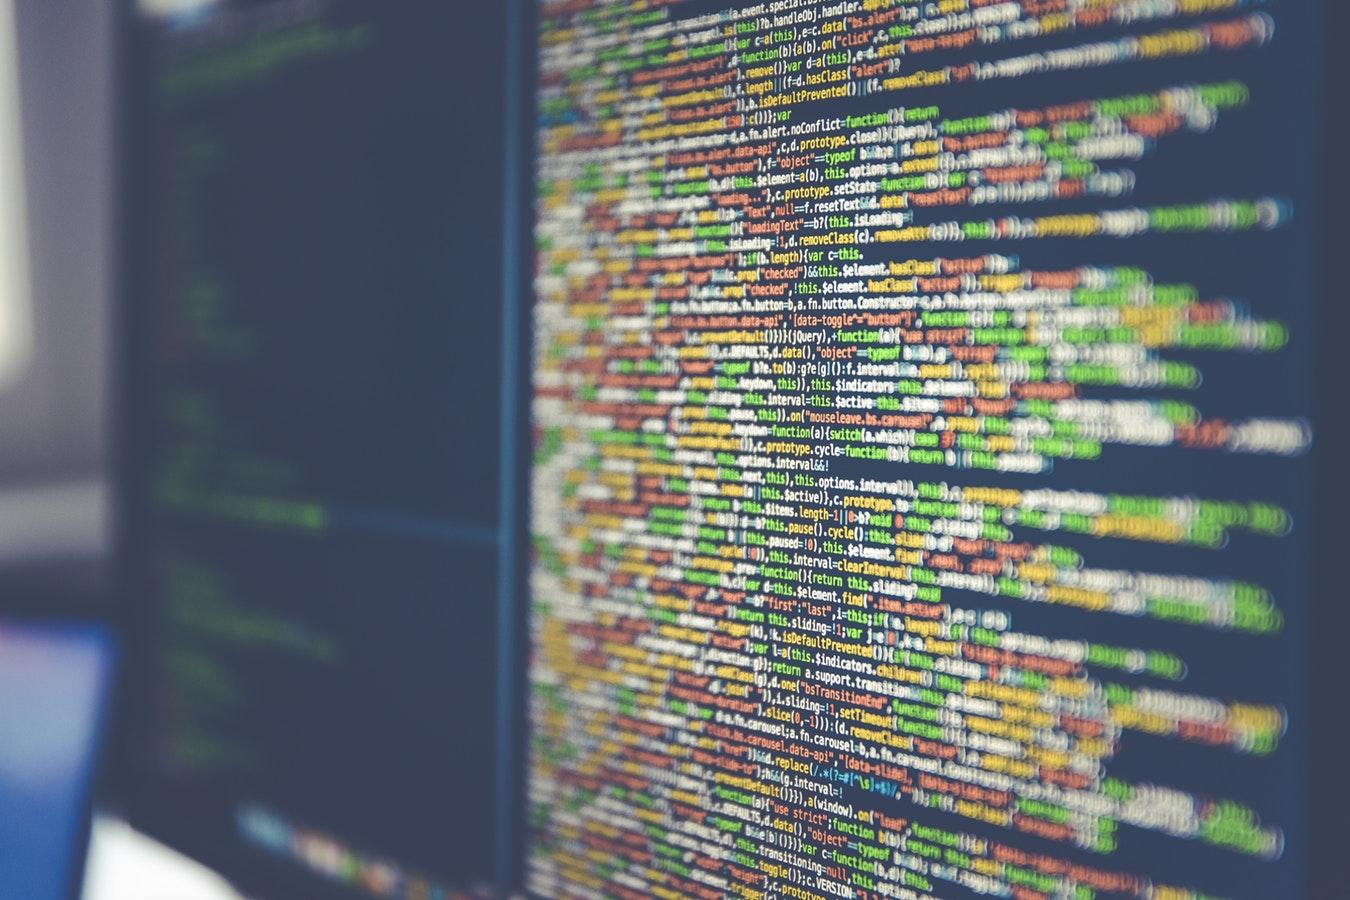 مطلوب مبرمج ويب web programmer